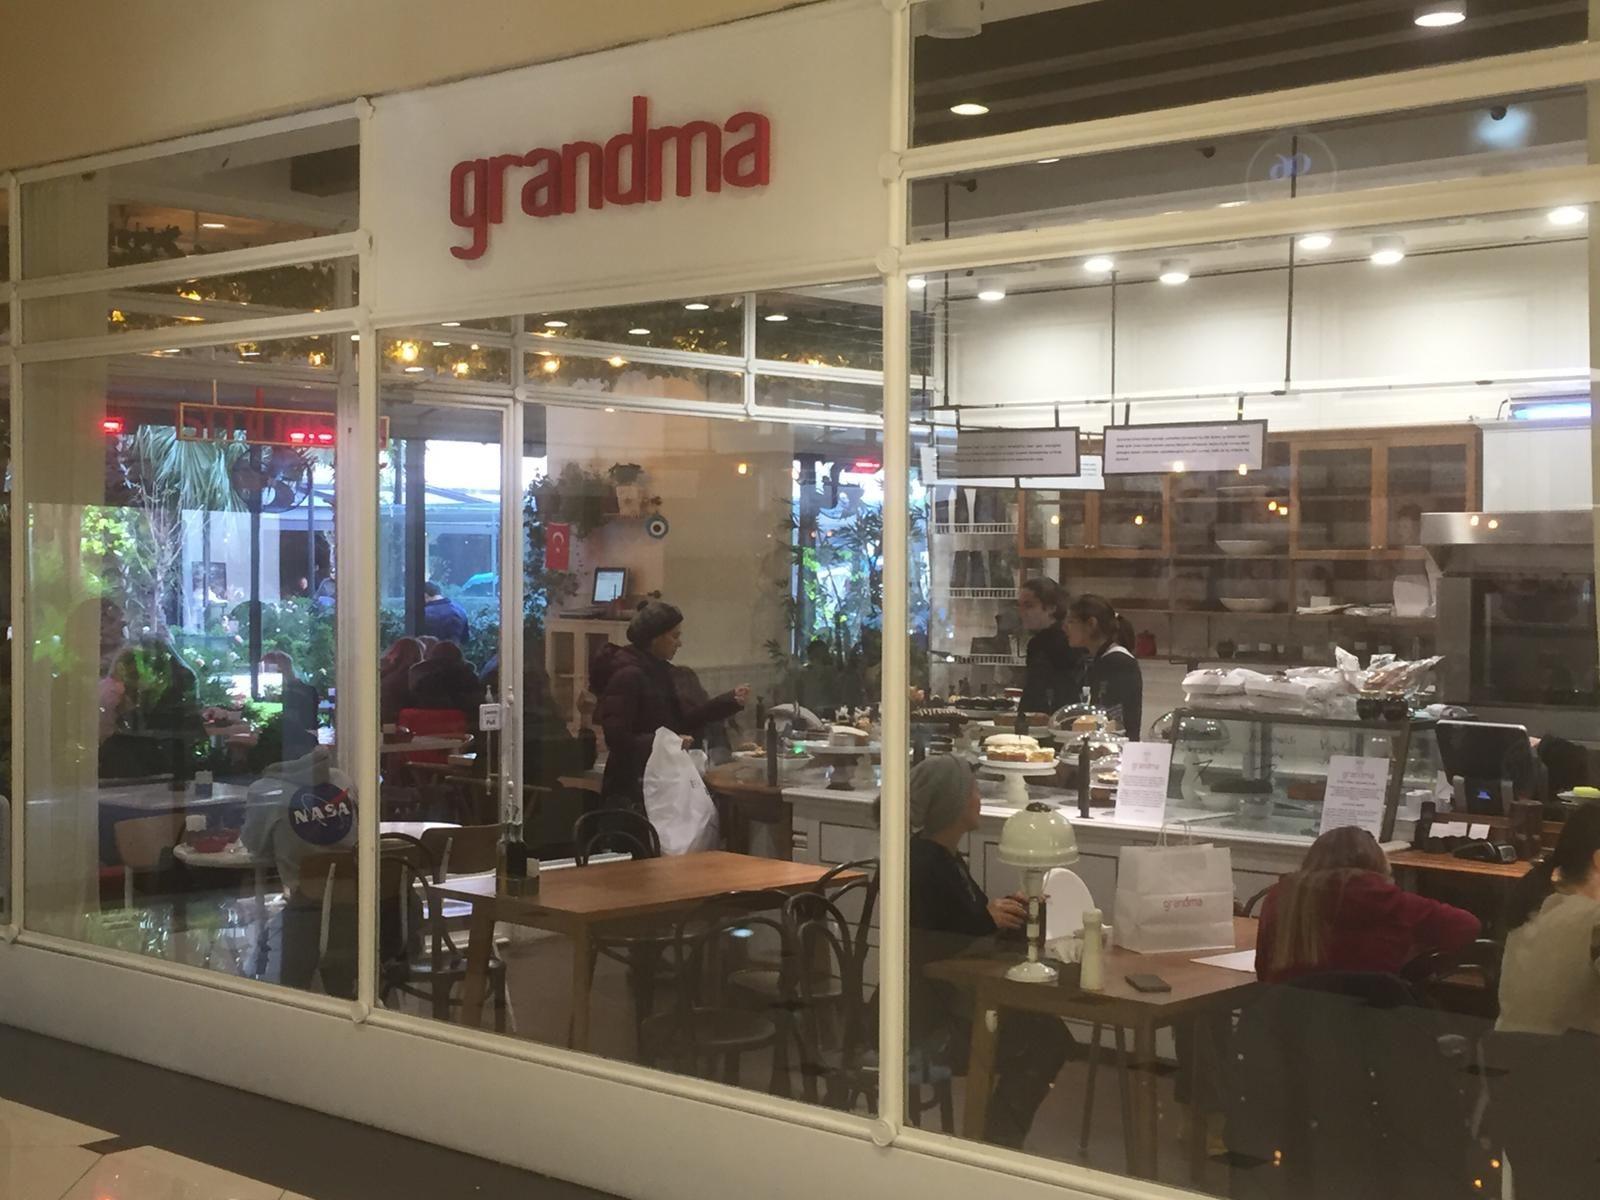 Grandma Fotoğrafları